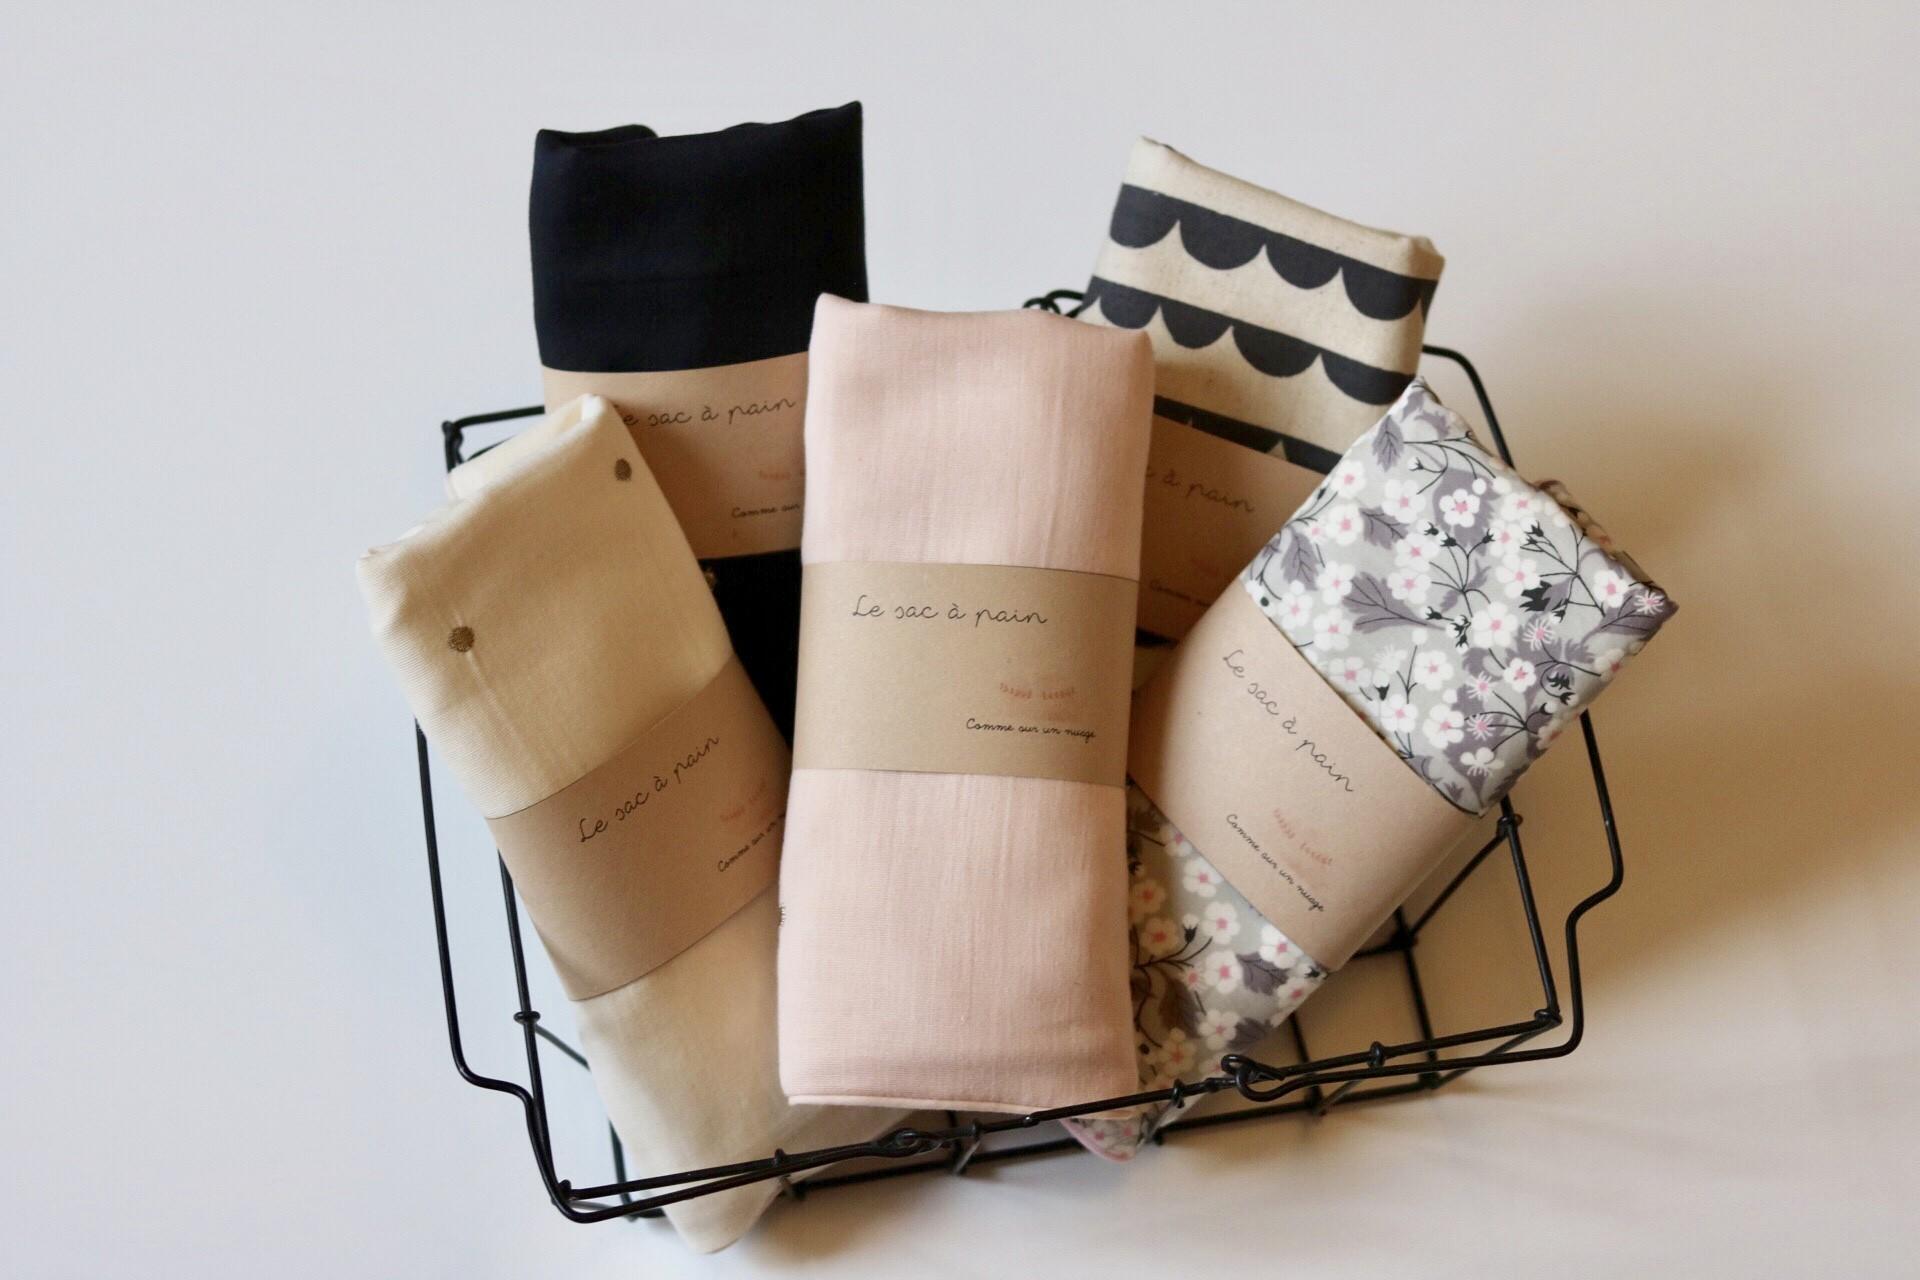 Les sacs à pain